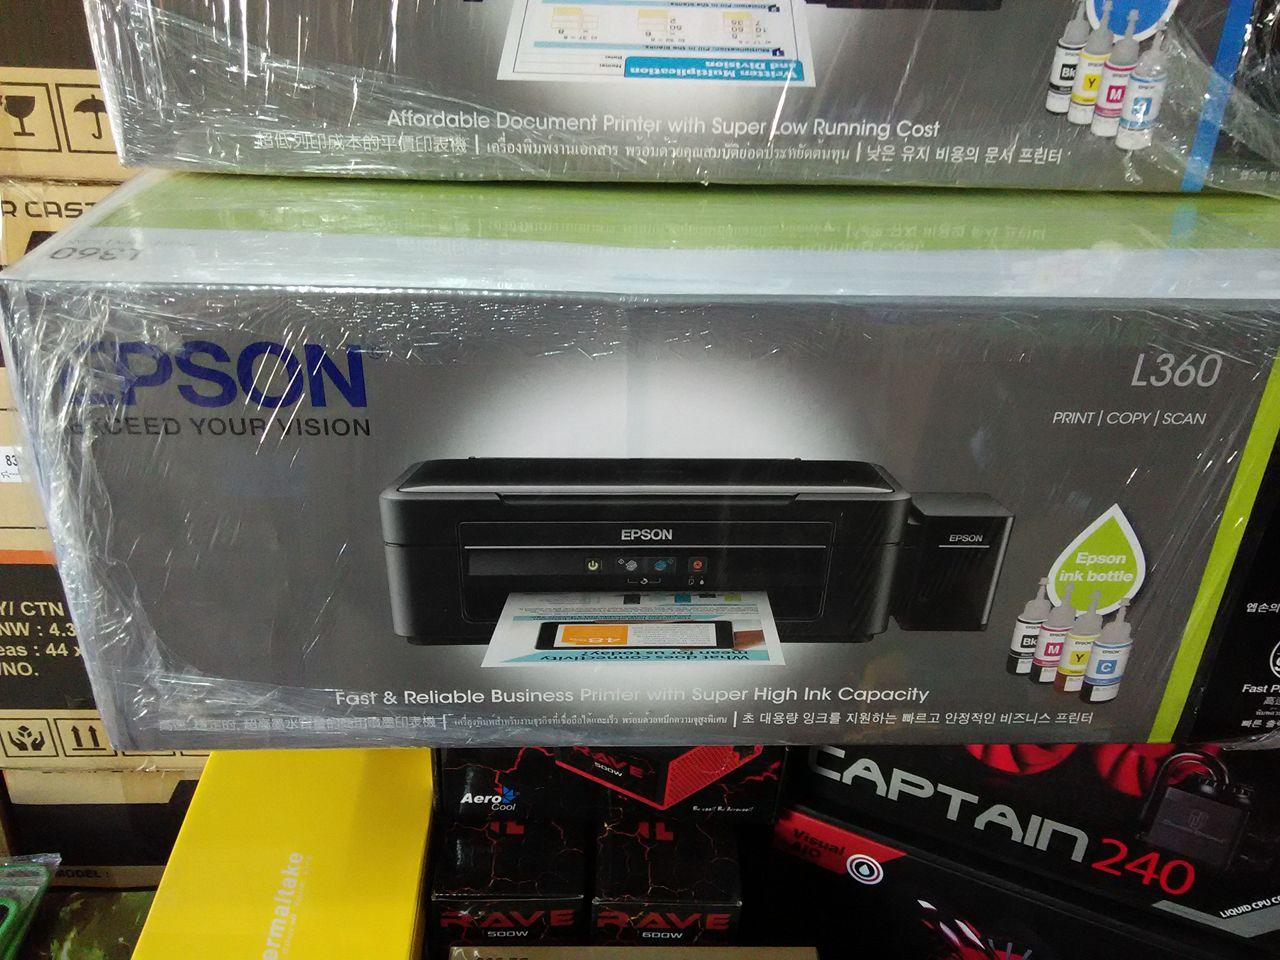 2kpcshop Printers Ink Epson Printer L 360 L360 Print Copy Scan